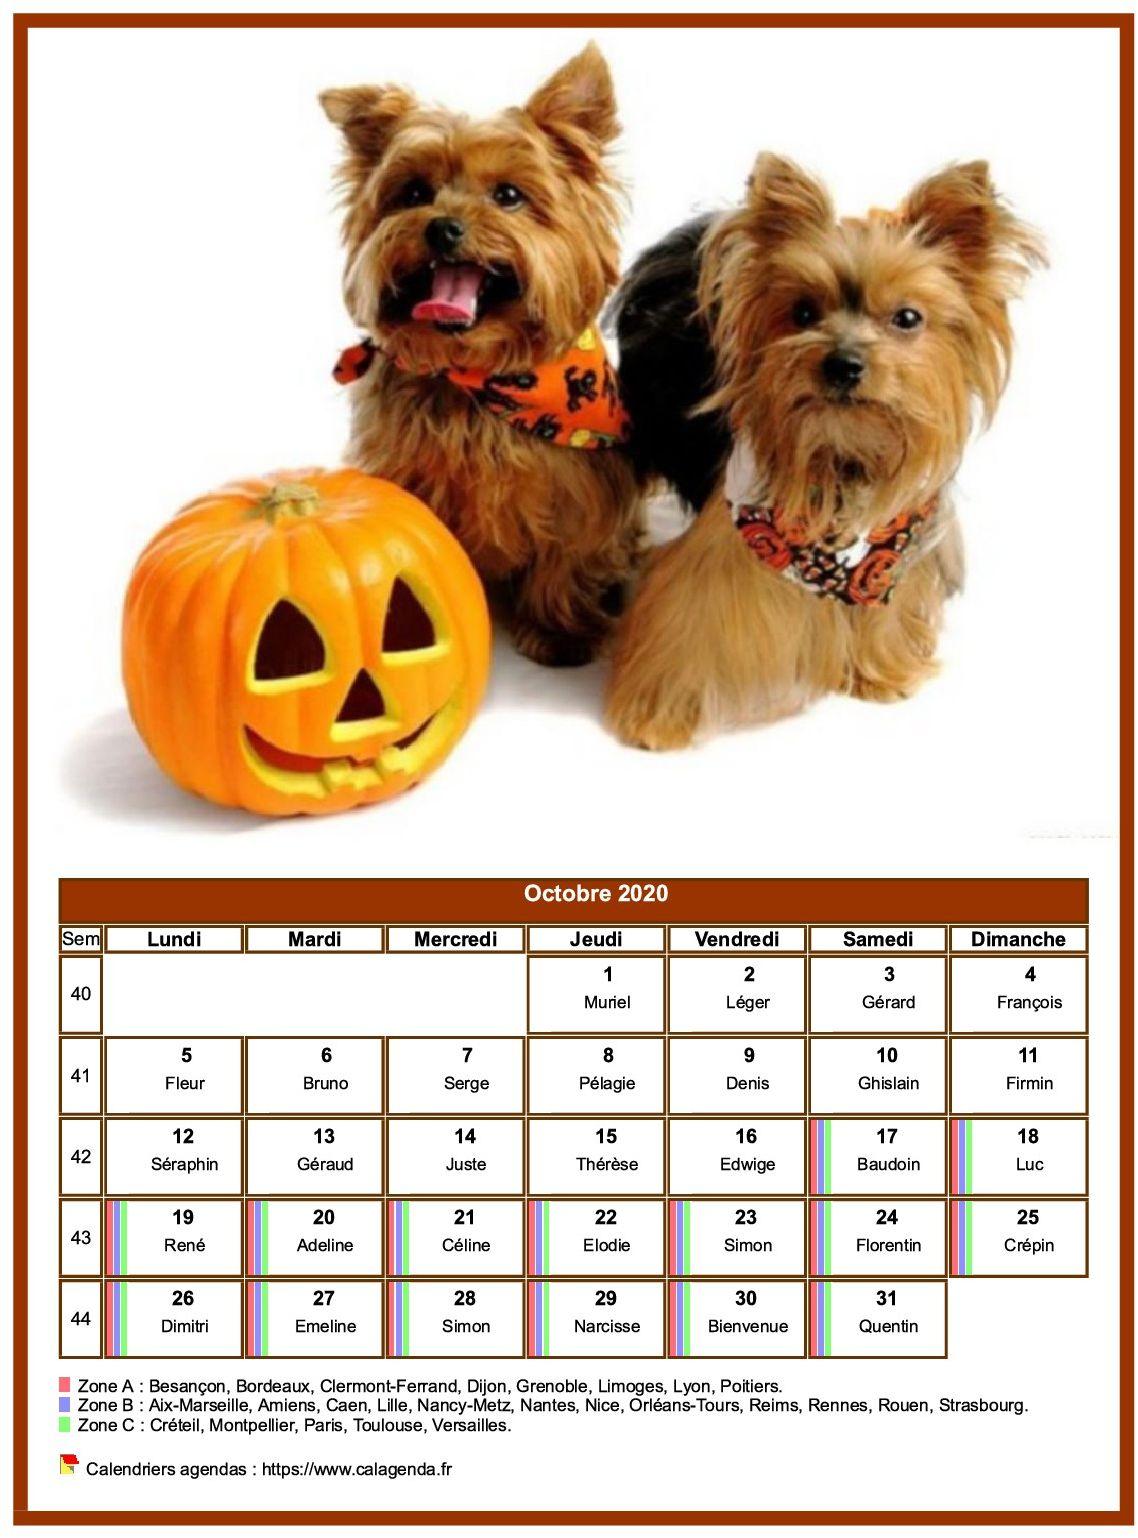 Calendrier octobre 2020 chiens